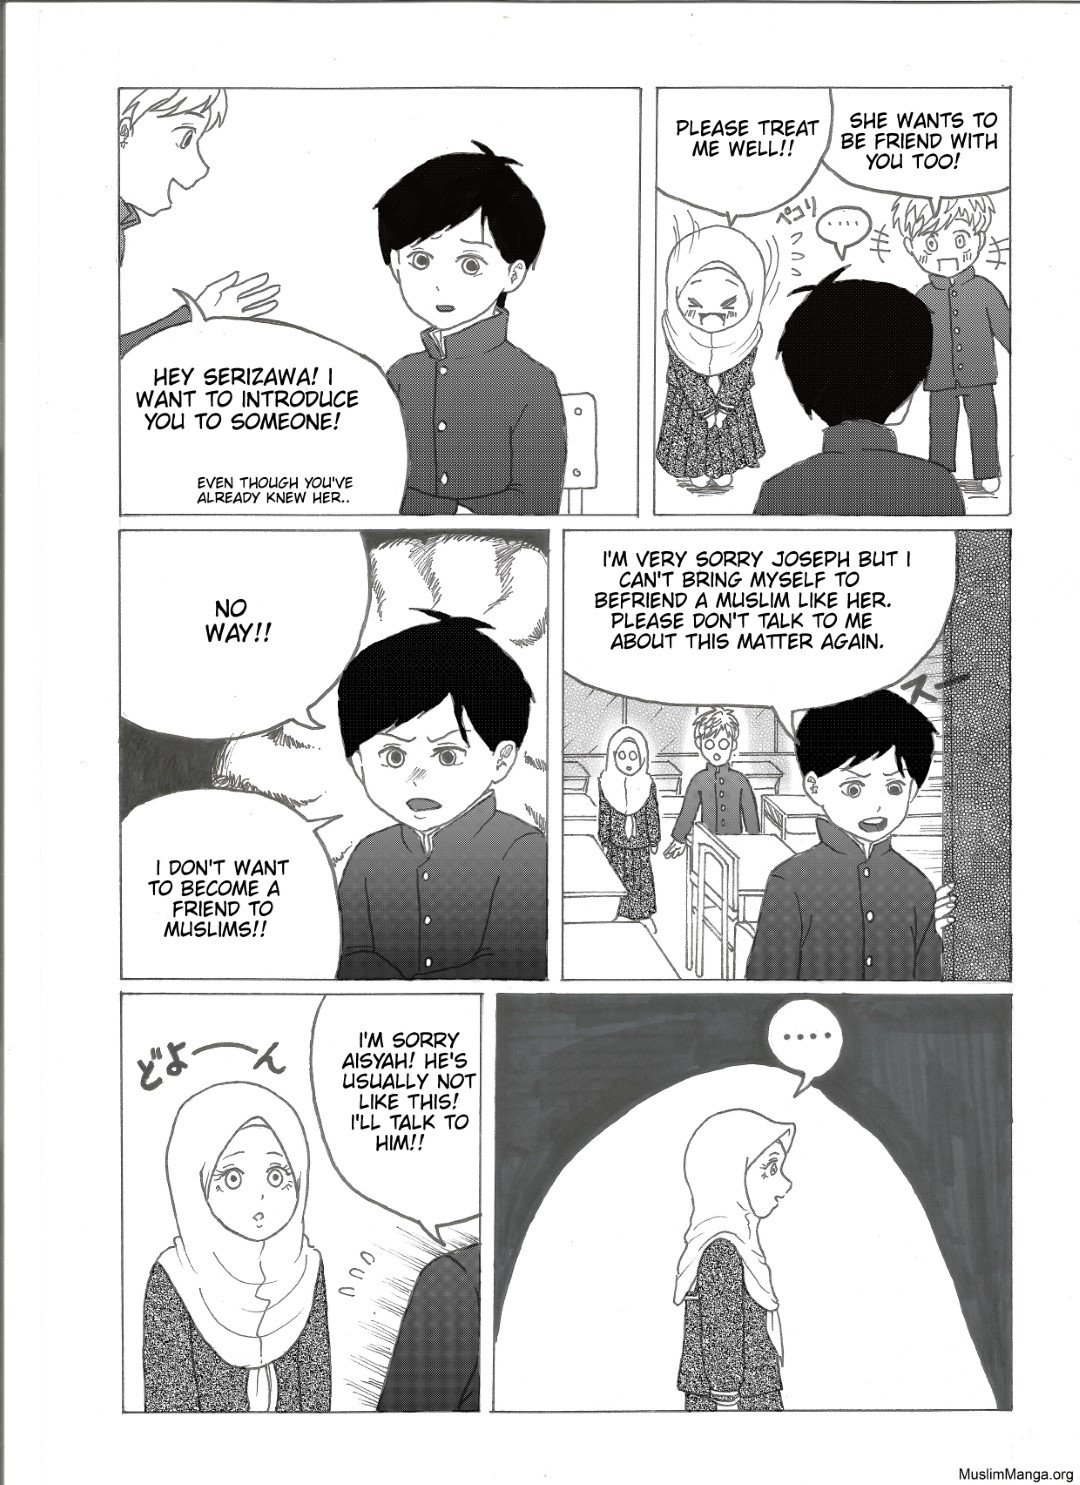 the hikmah 4